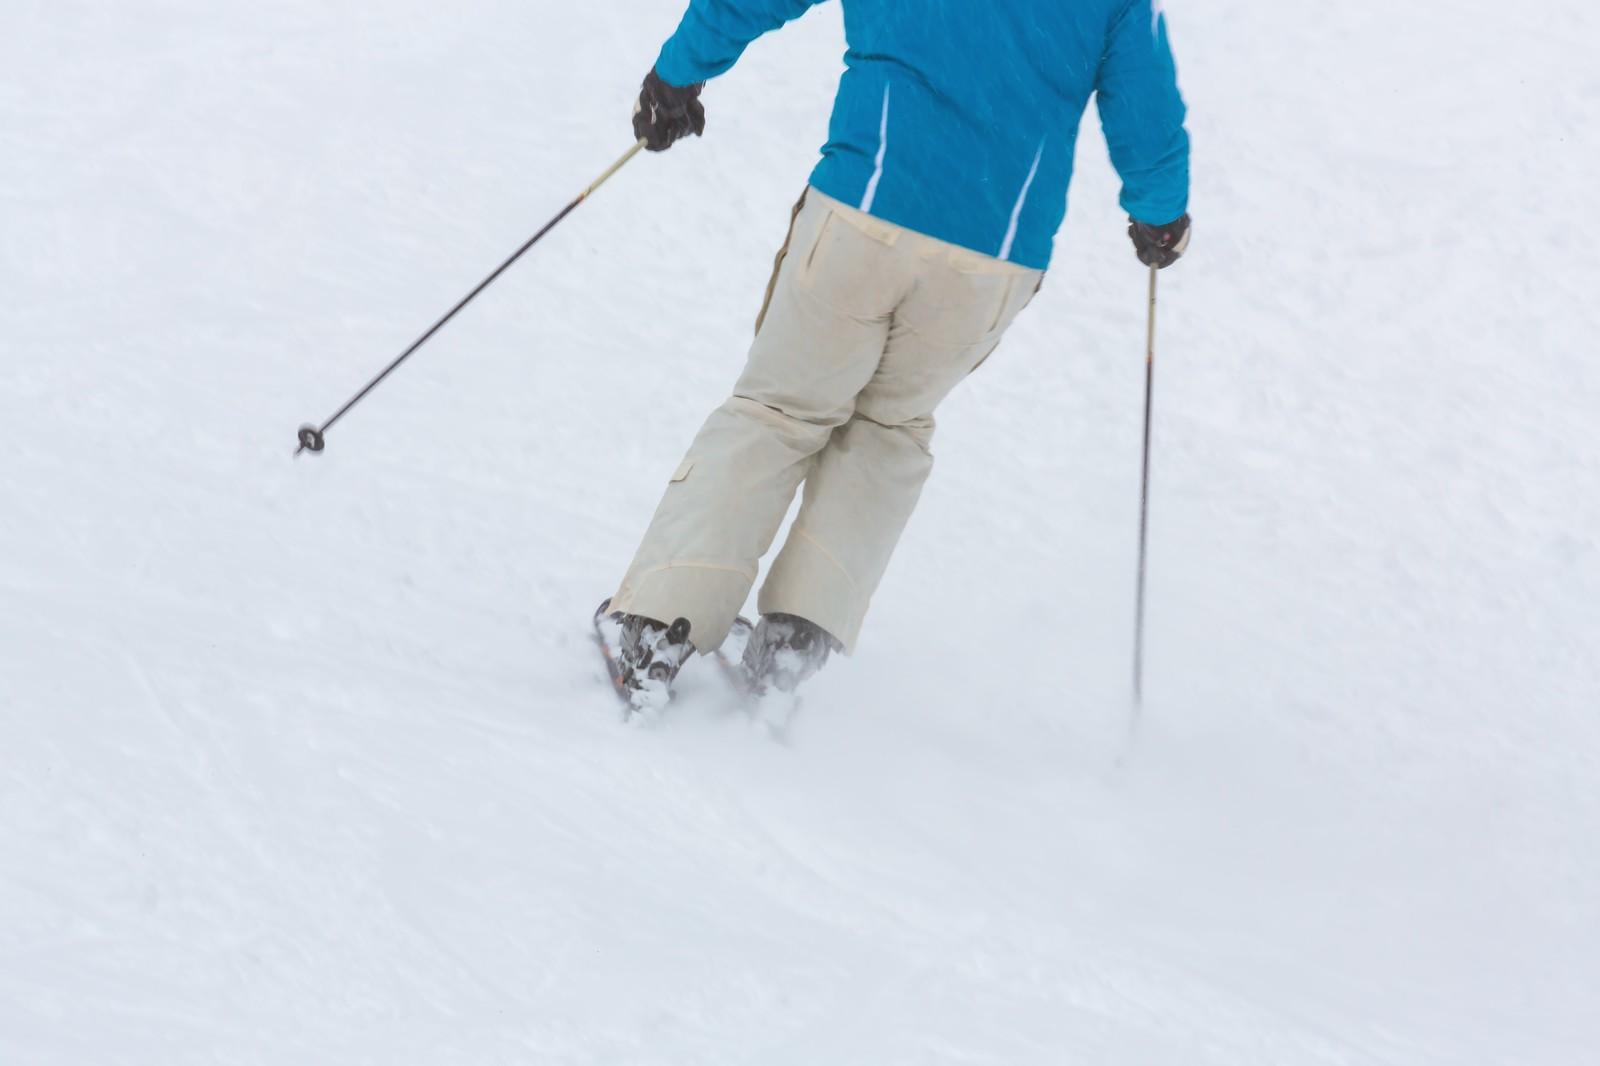 スキー「パラレルターン」のコツや練習方法は?初心者におすすめの滑り方も!